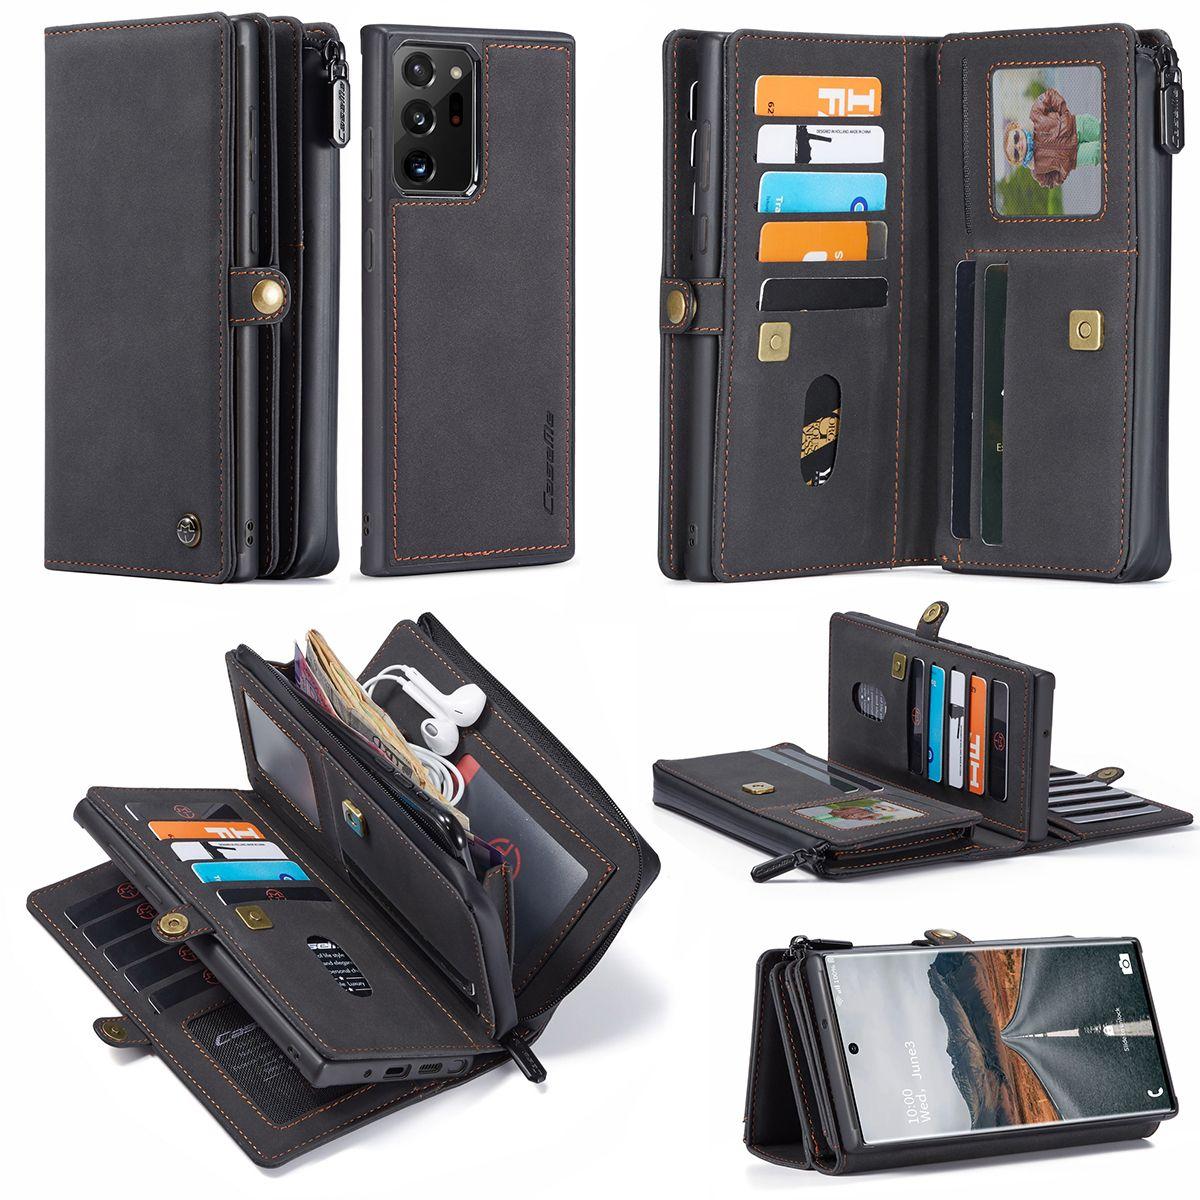 Caseme cuir 17 cartes Machines à sous Wallet Case pour Samsung flip Galaxy Note 20 Ultra S20 Remarque 10 Plus A71 A51 iPhone Pro 11